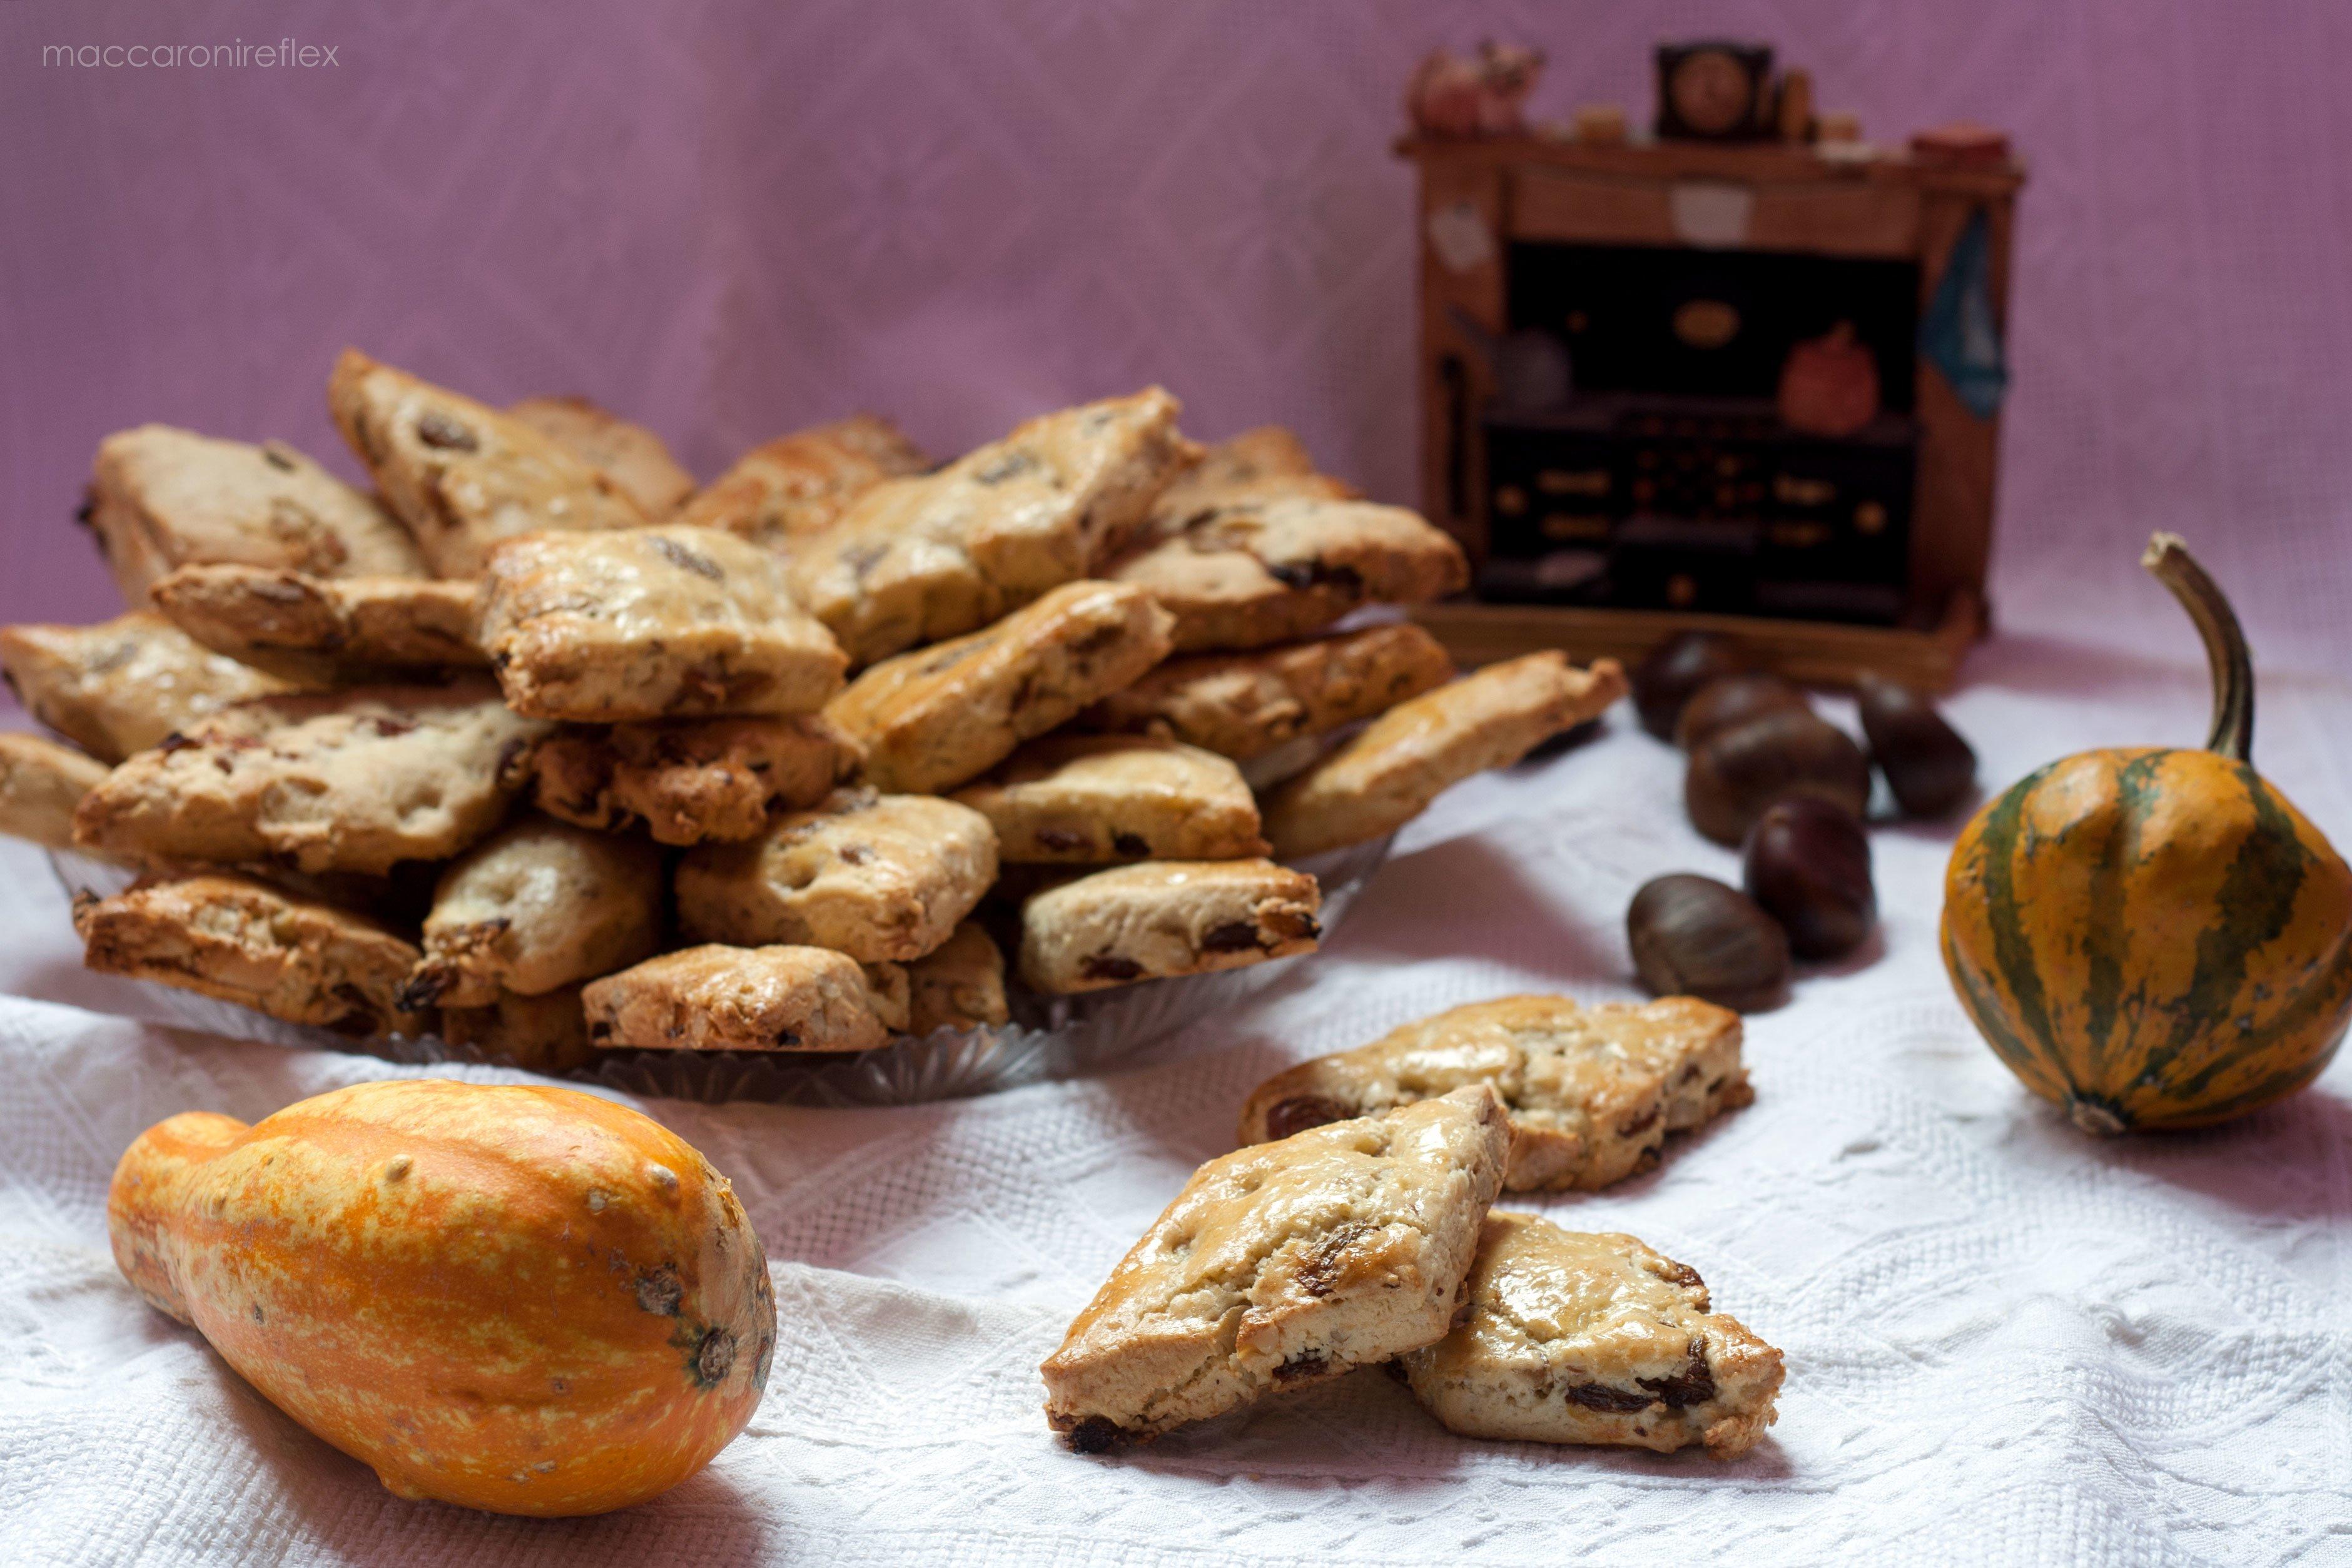 Papassinos, dolce tradizionale dei Santi